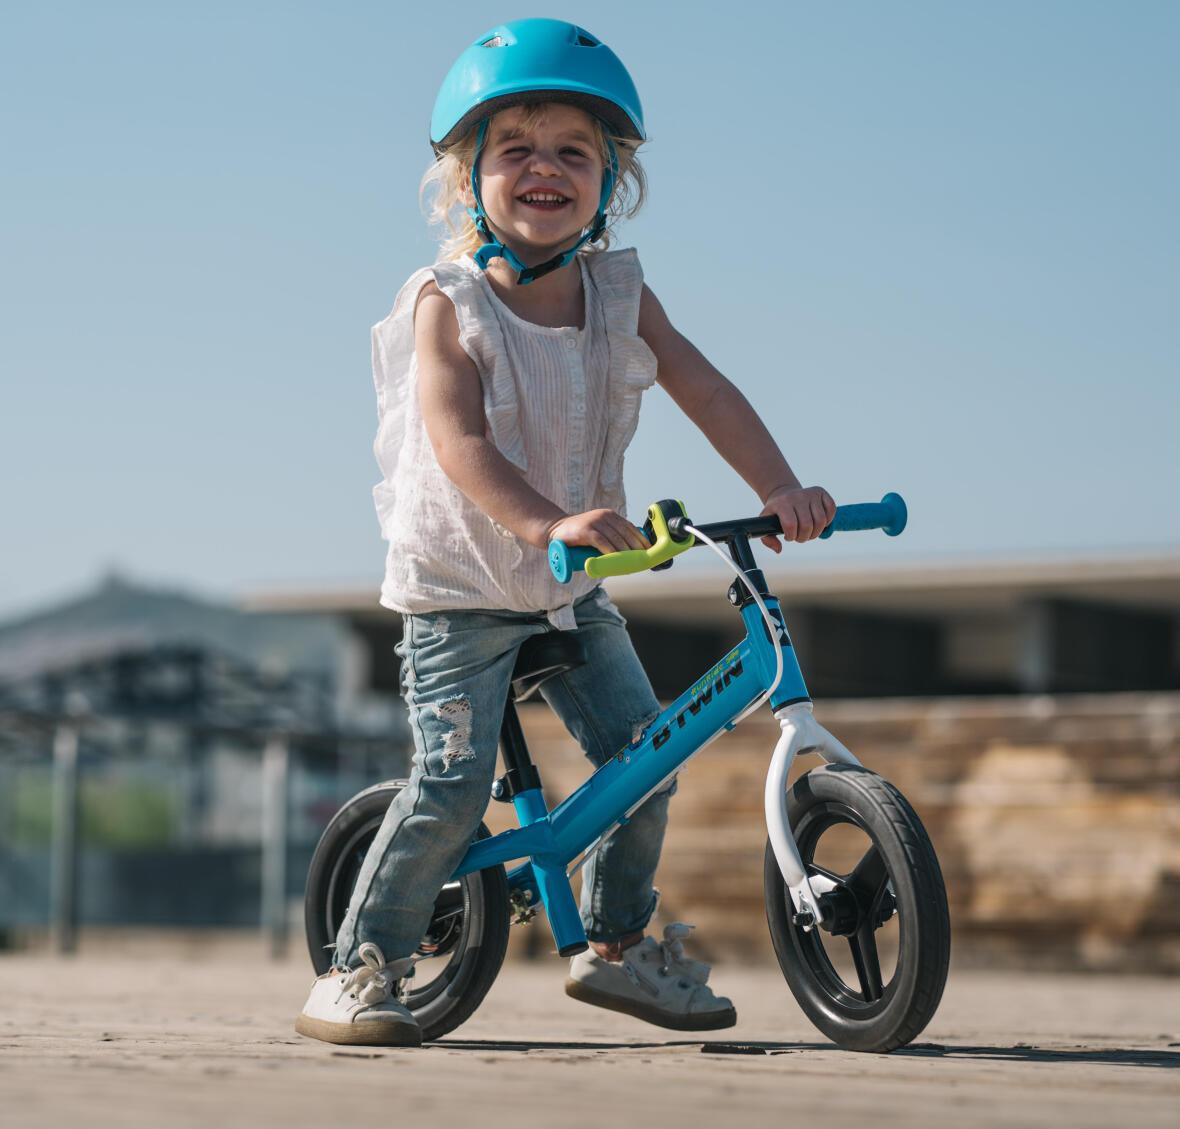 兒童自行車|孩子探索世界的開始:如何選擇滑步車?